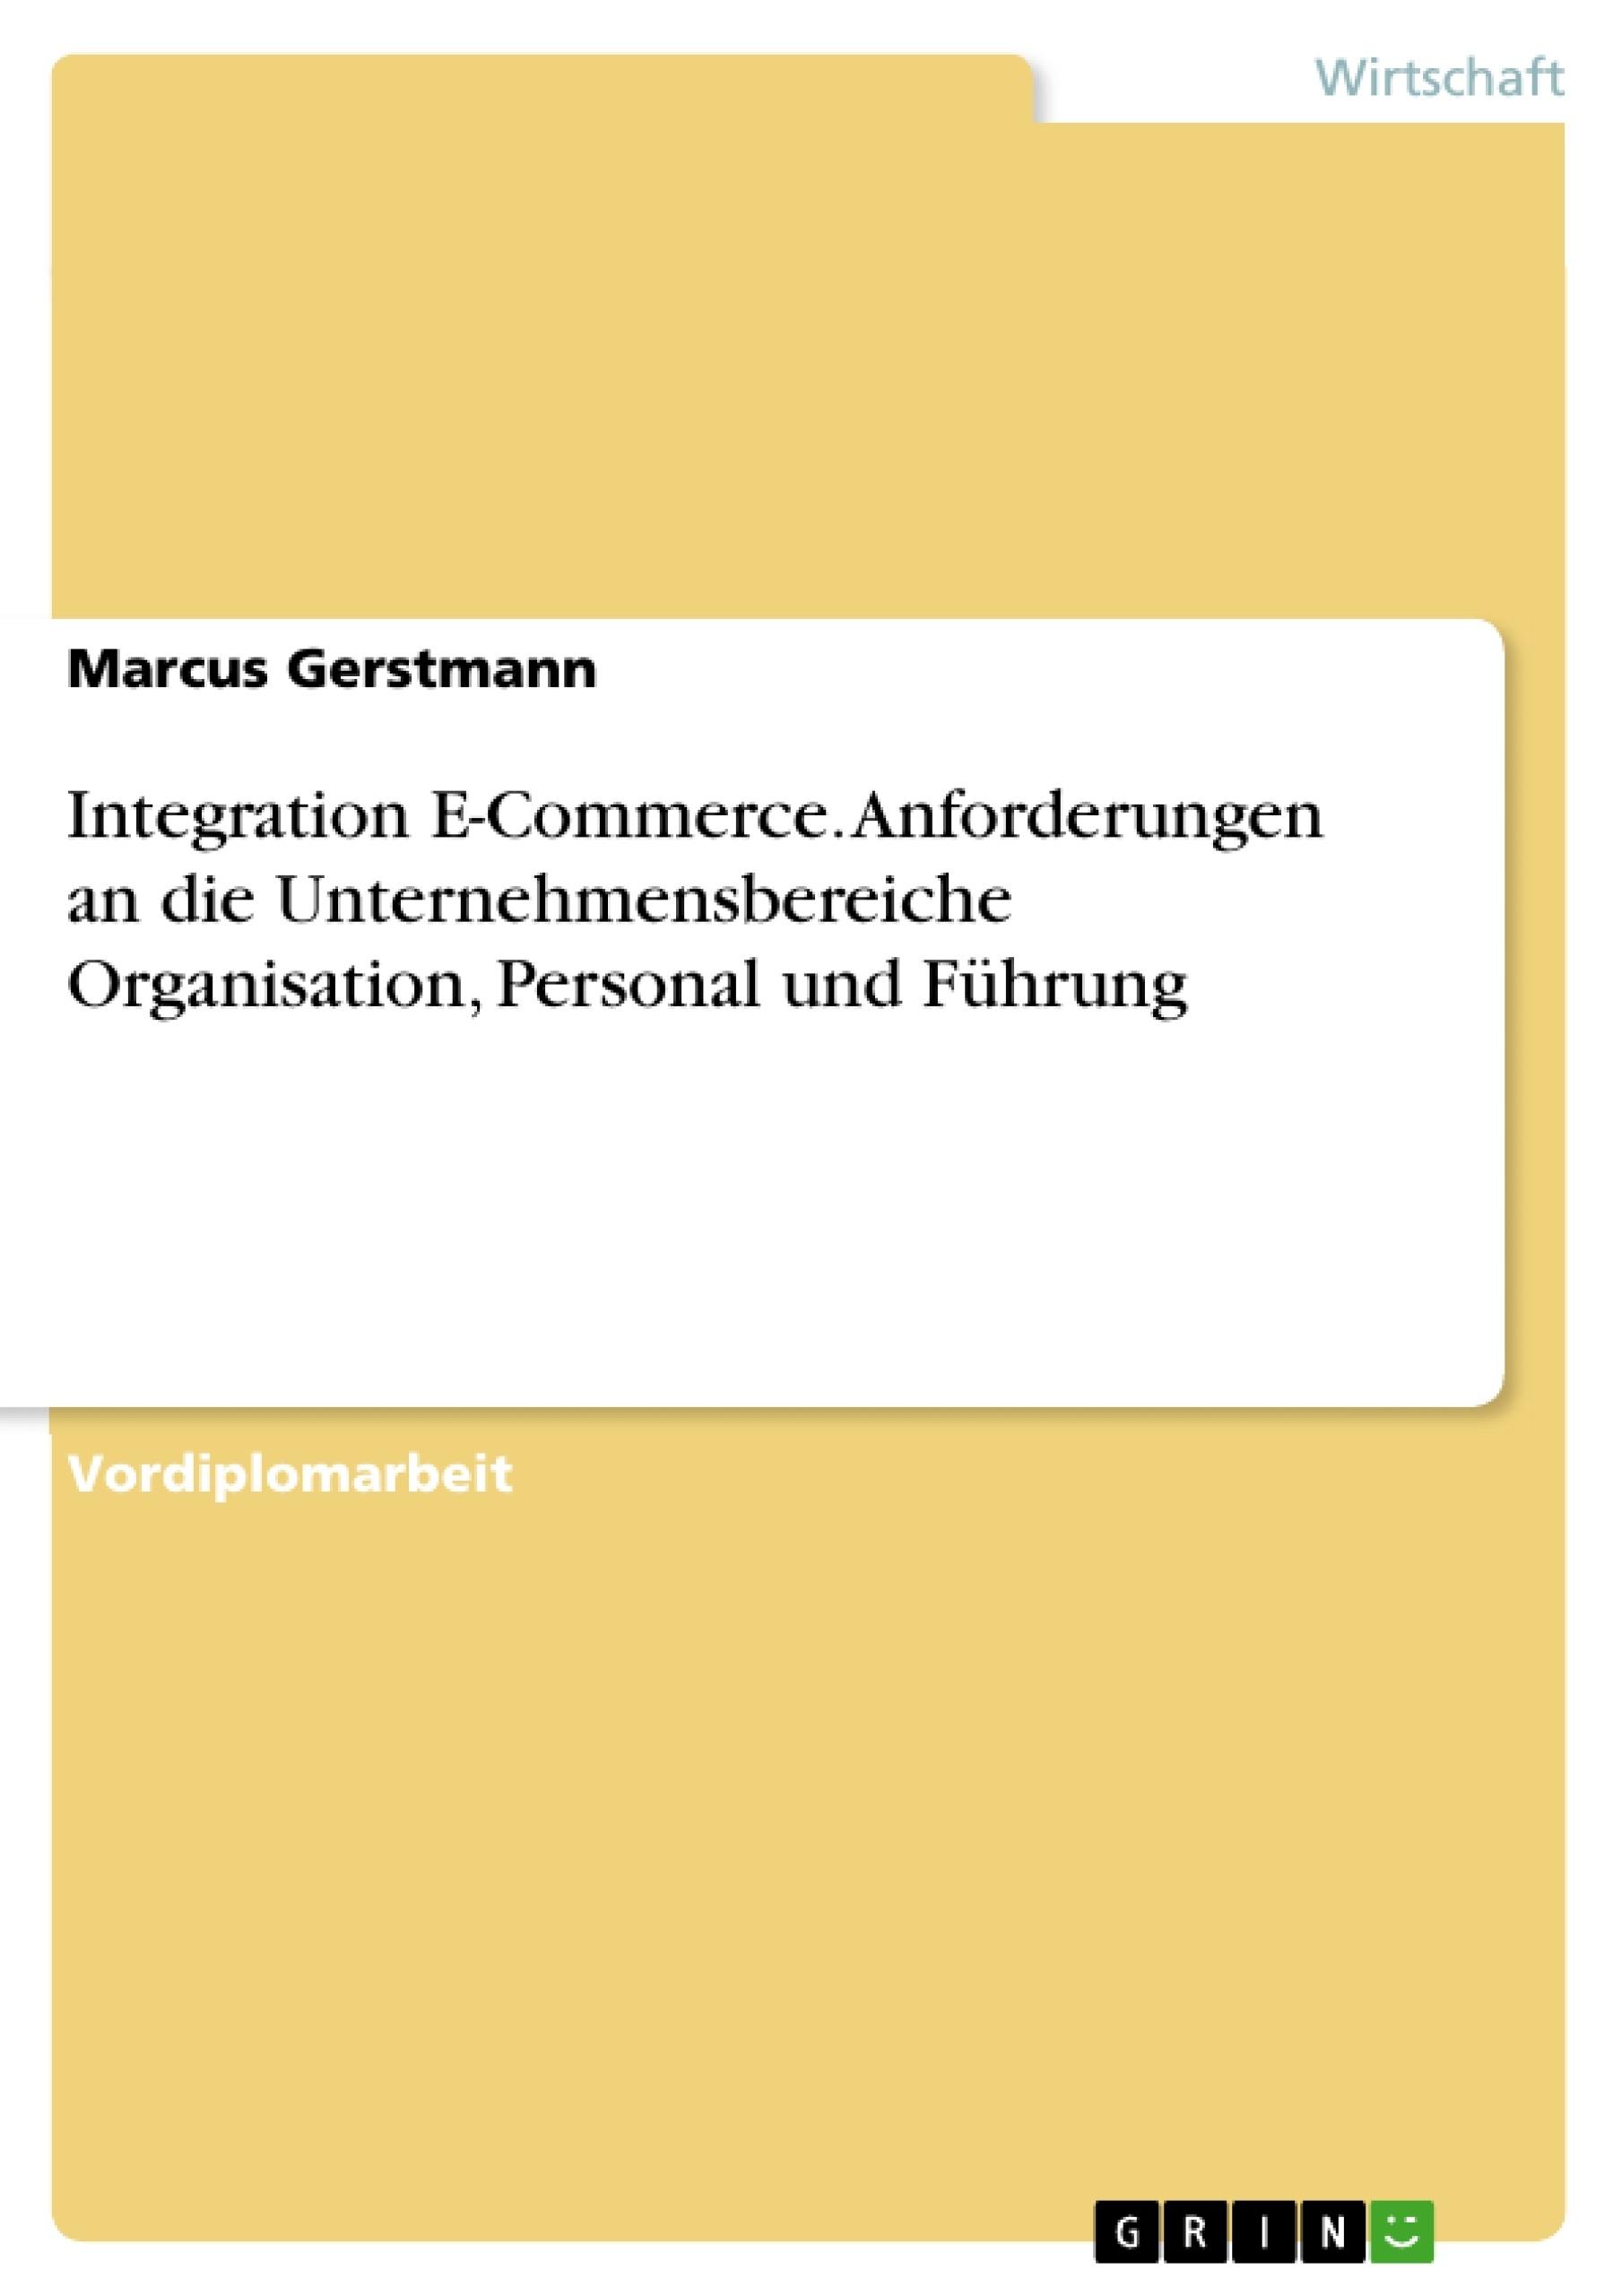 Titel: Integration E-Commerce. Anforderungen an die Unternehmensbereiche Organisation, Personal und Führung